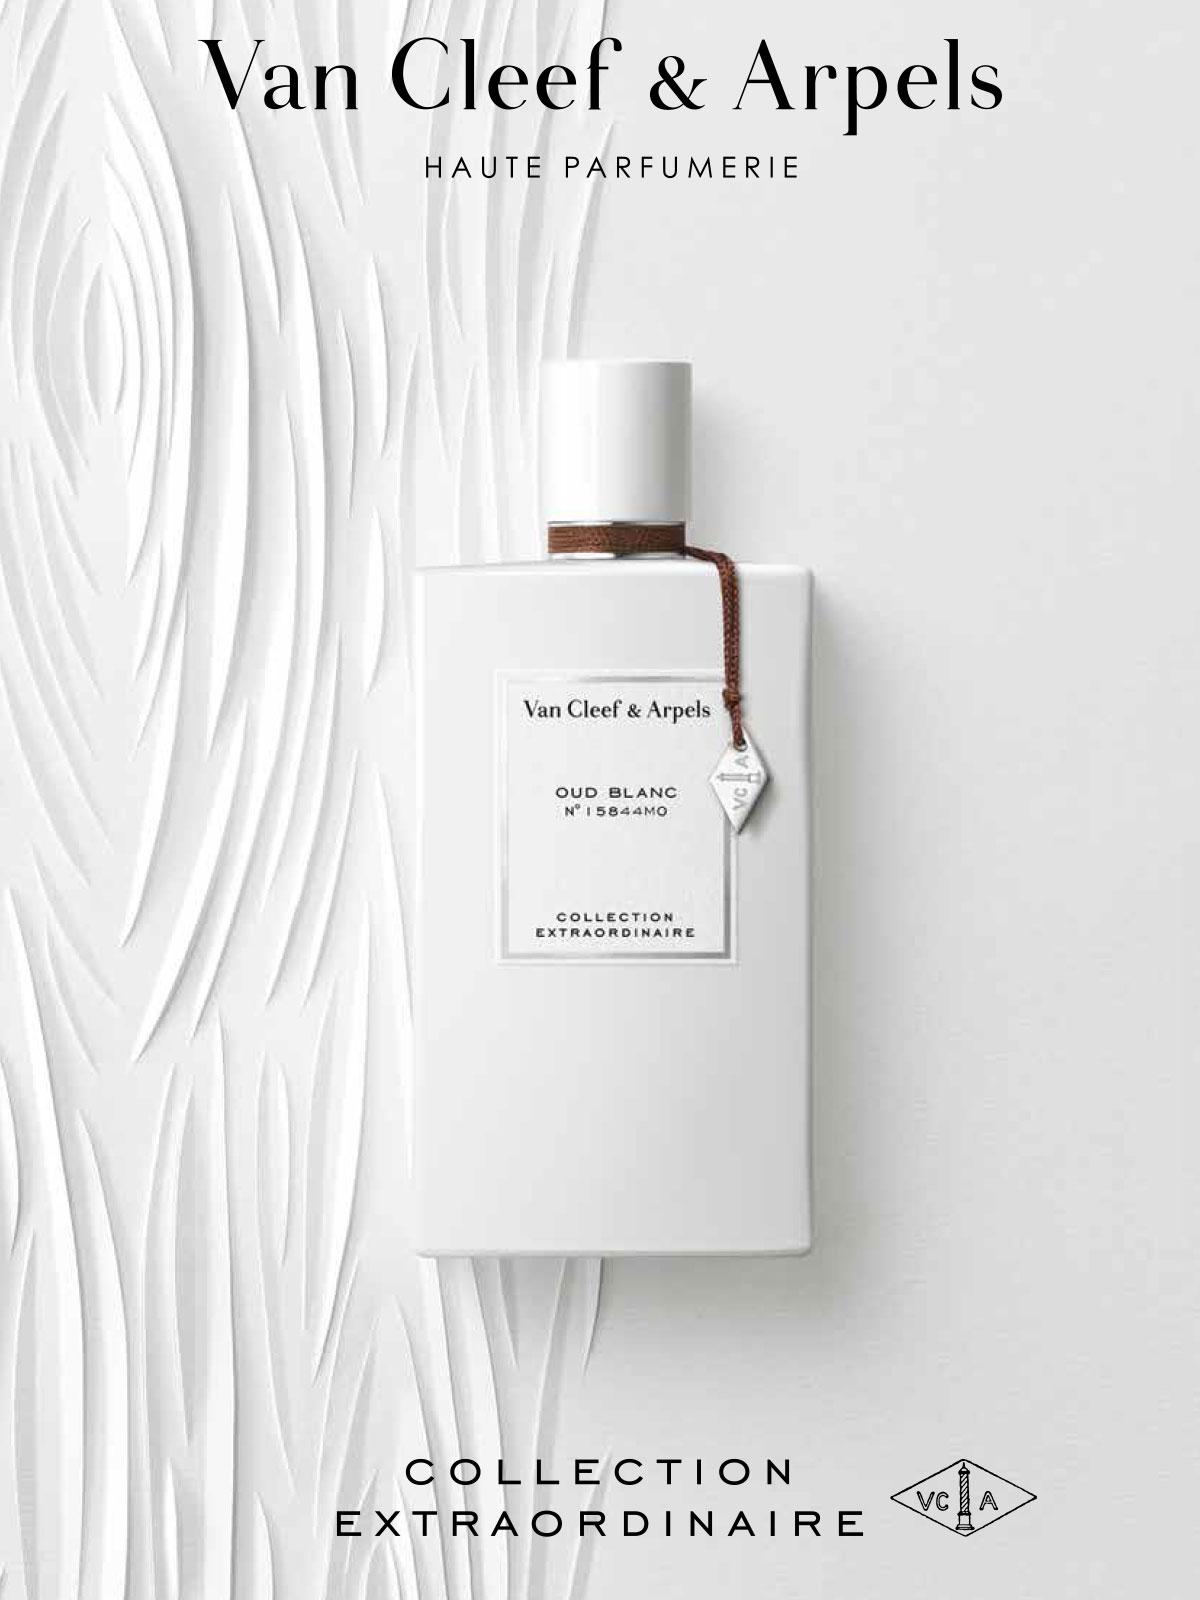 Ein Bild von einem Van Cleef & Arpels Parfum Visual